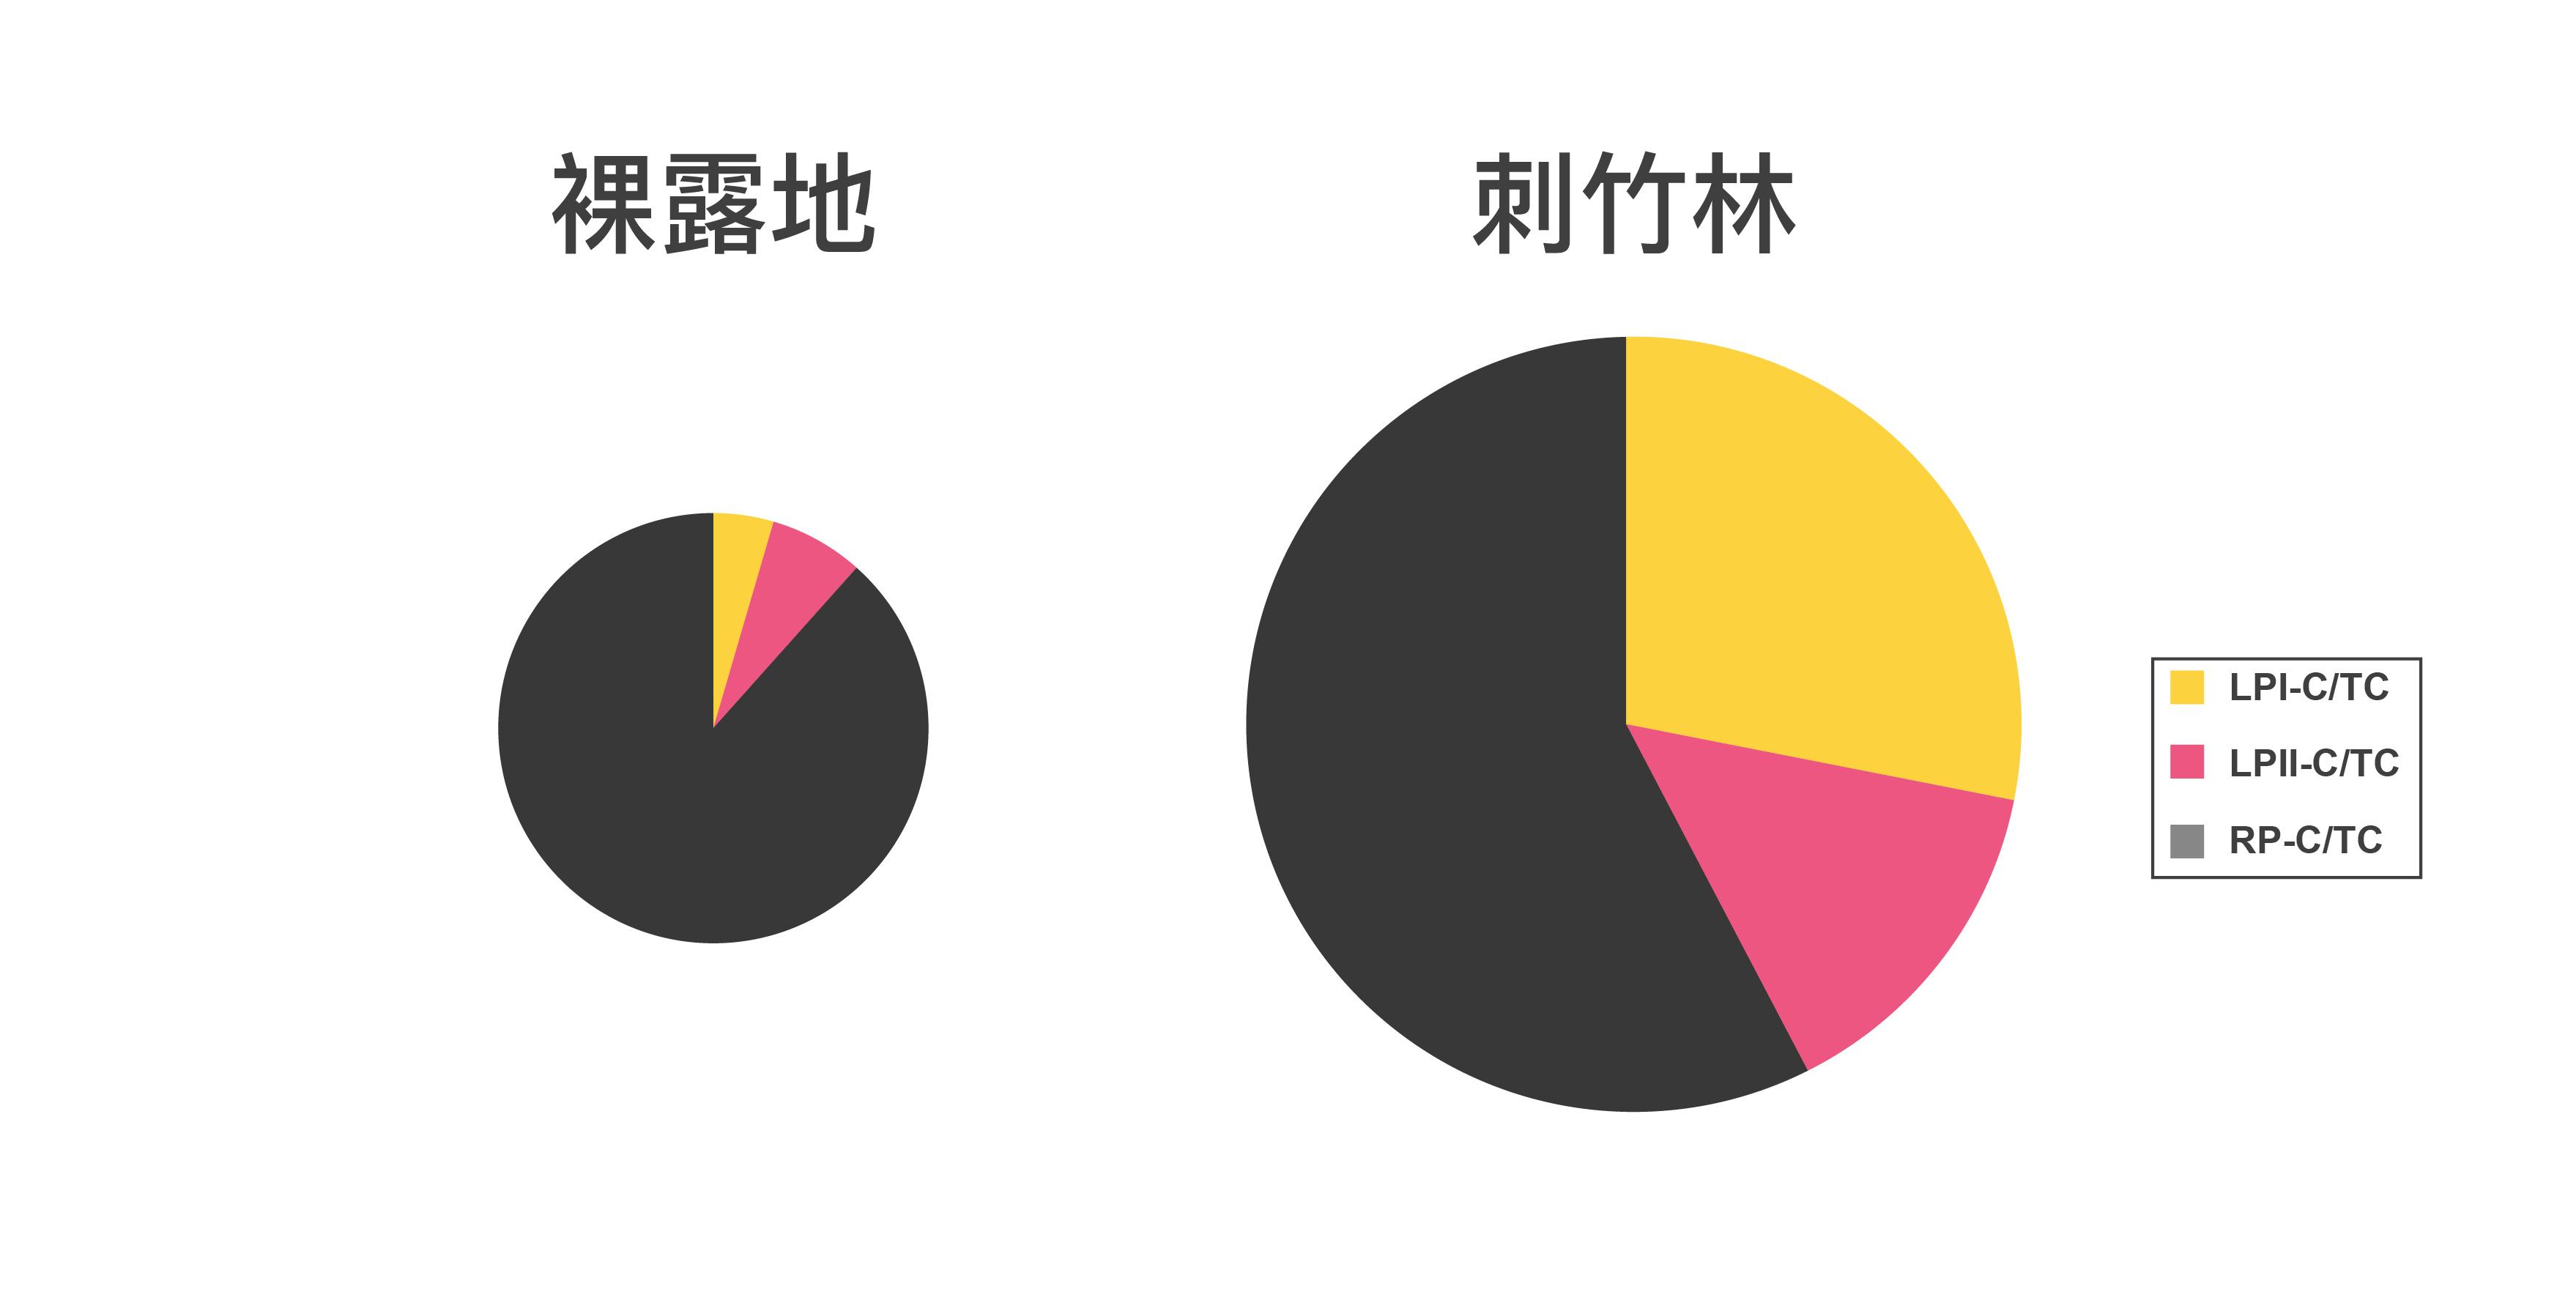 """刺竹林有助於累積惡地土壤有機態碳含量(整個圓餅面積大小),尤其是增加易分解有機物組成比例(粉紅和黃色部分)。圖│研之有物、廖英凱(資料來源│Shiau, Y.-J., Wang, H.-C., Chen, T.-H., Jien, S.-H., Tian, G., and Chiu, C.-Y.*, 2017, """"Improvement in the biochemical and chemical properties of badland soils by thorny bamboo"""", Scientific Reports, 7, 40561.)"""